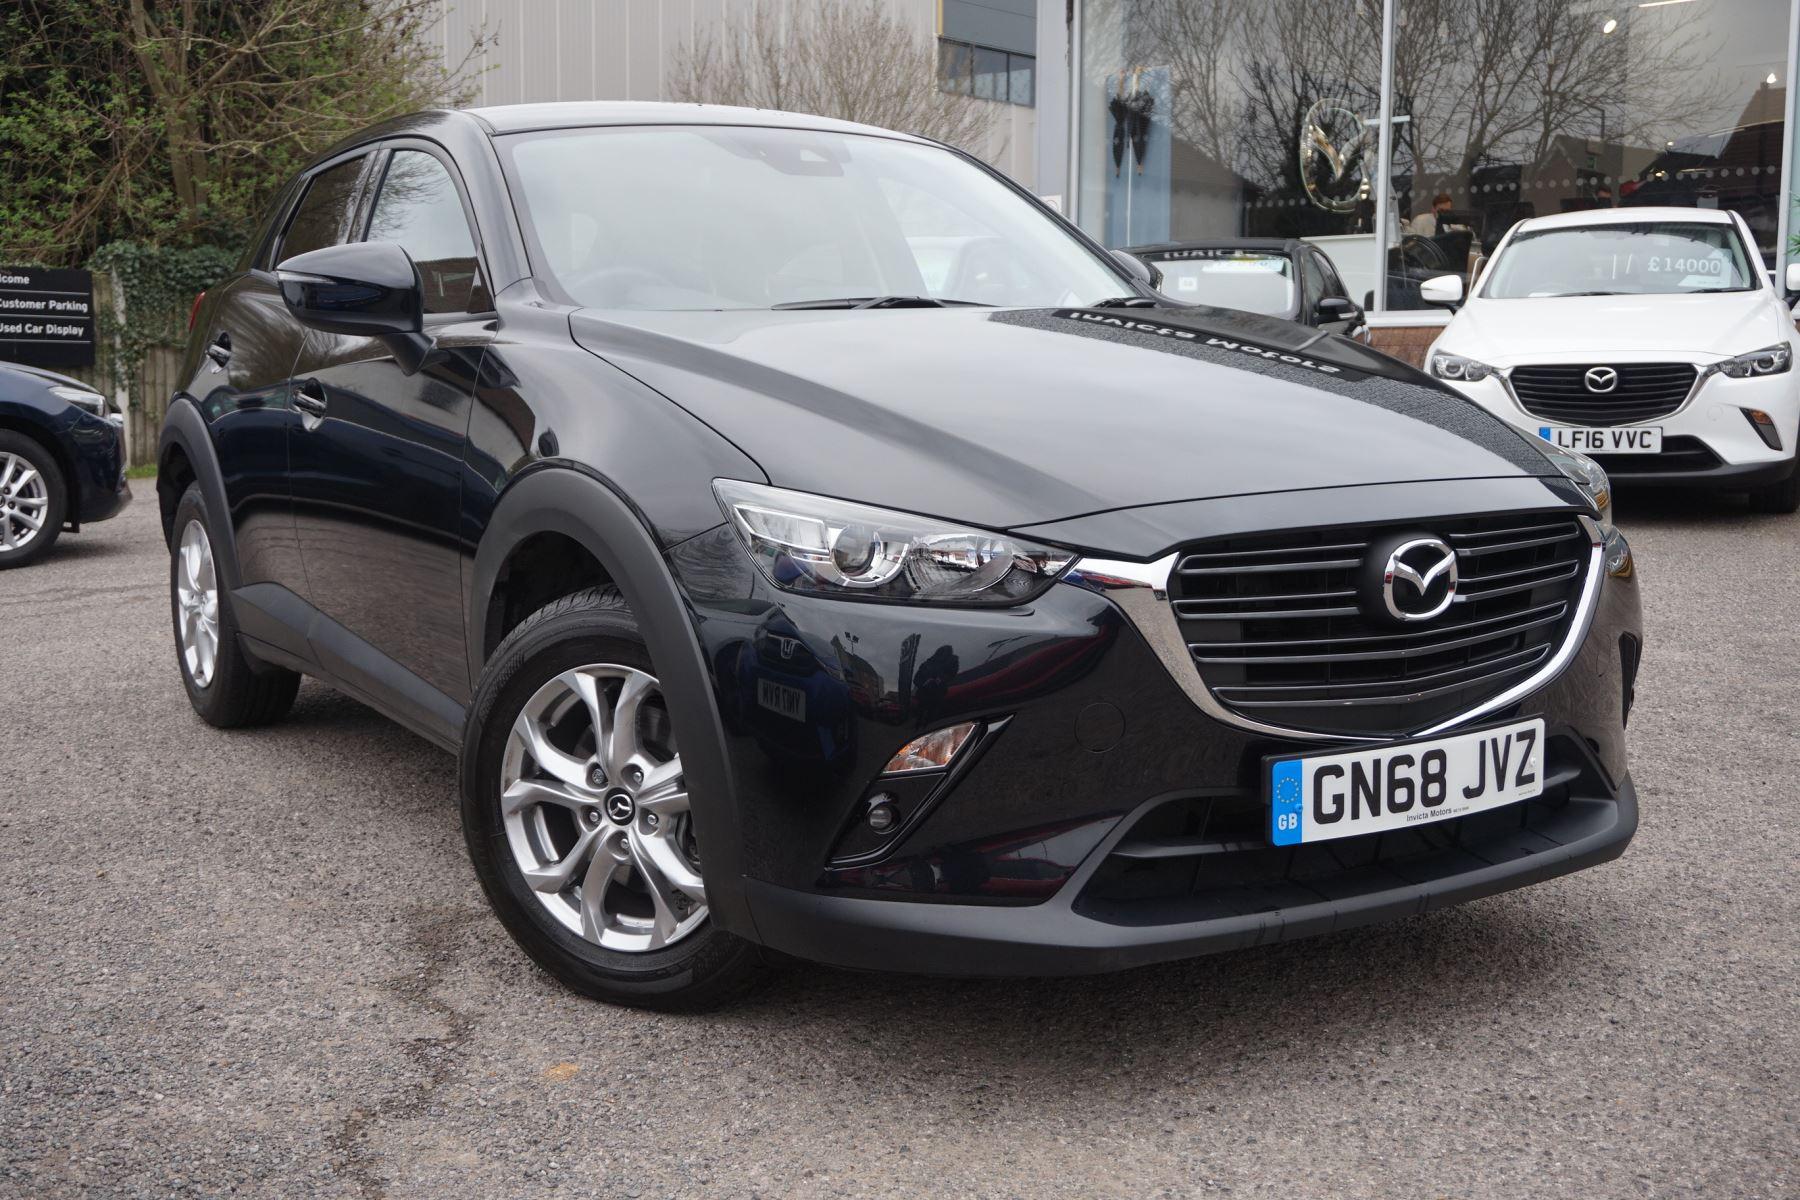 Mazda CX-3 2.0 SE-L Nav + 5dr image 1